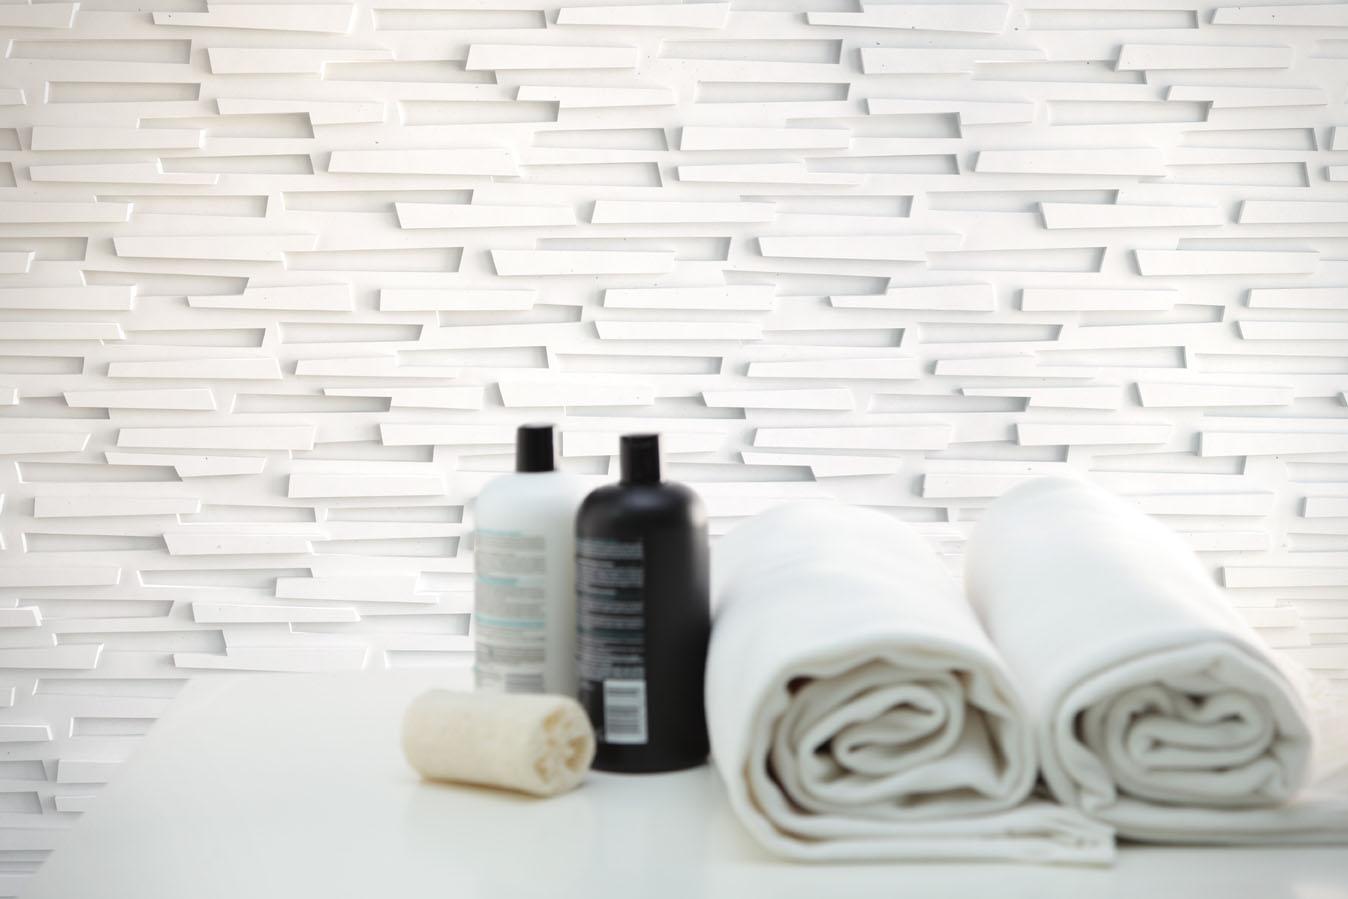 Panel Piedra Exclusive ® (Patented design®)